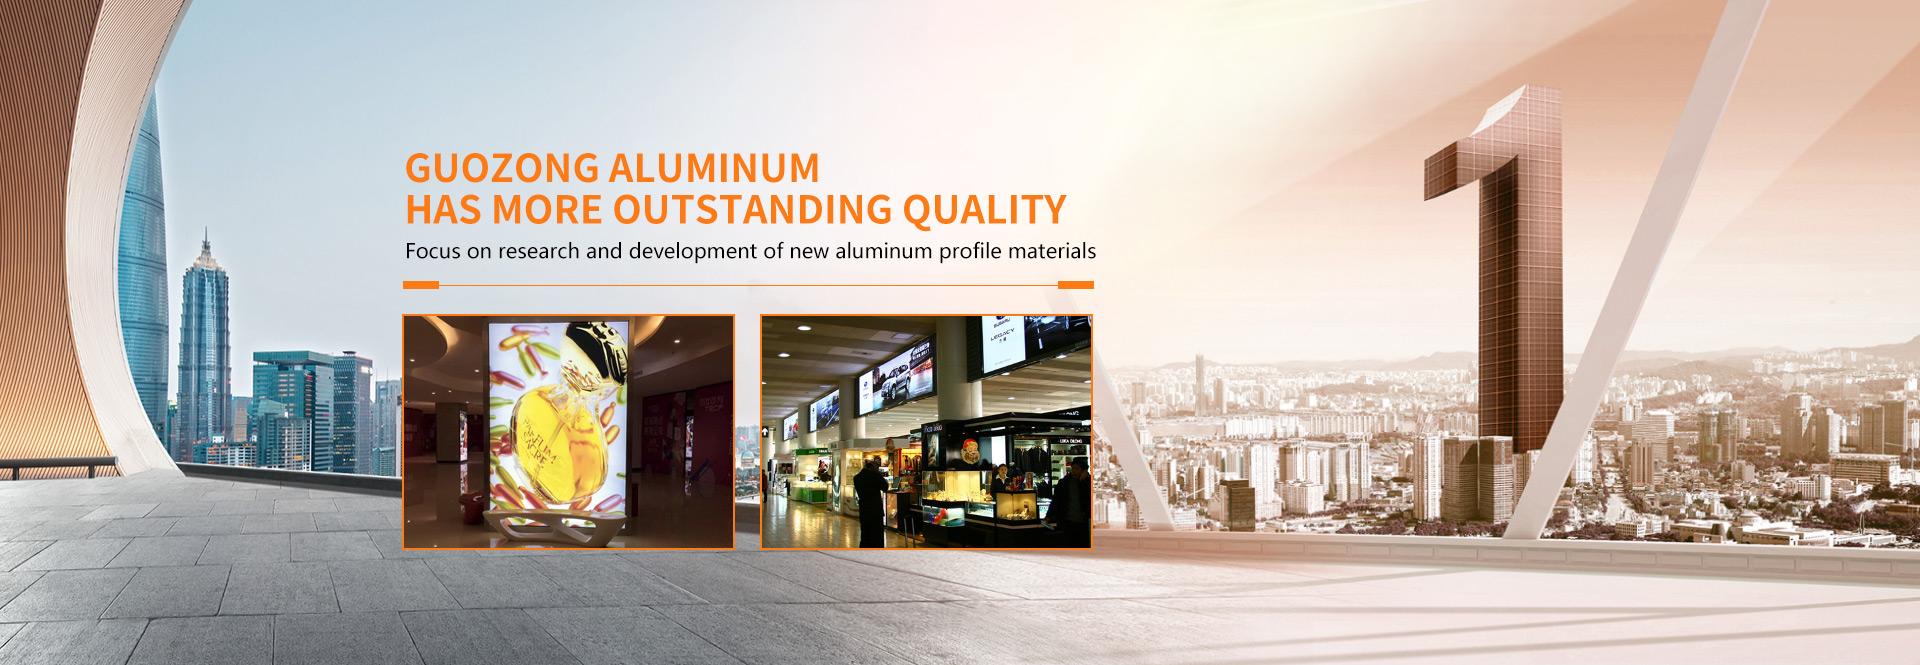 Advertising aluminum